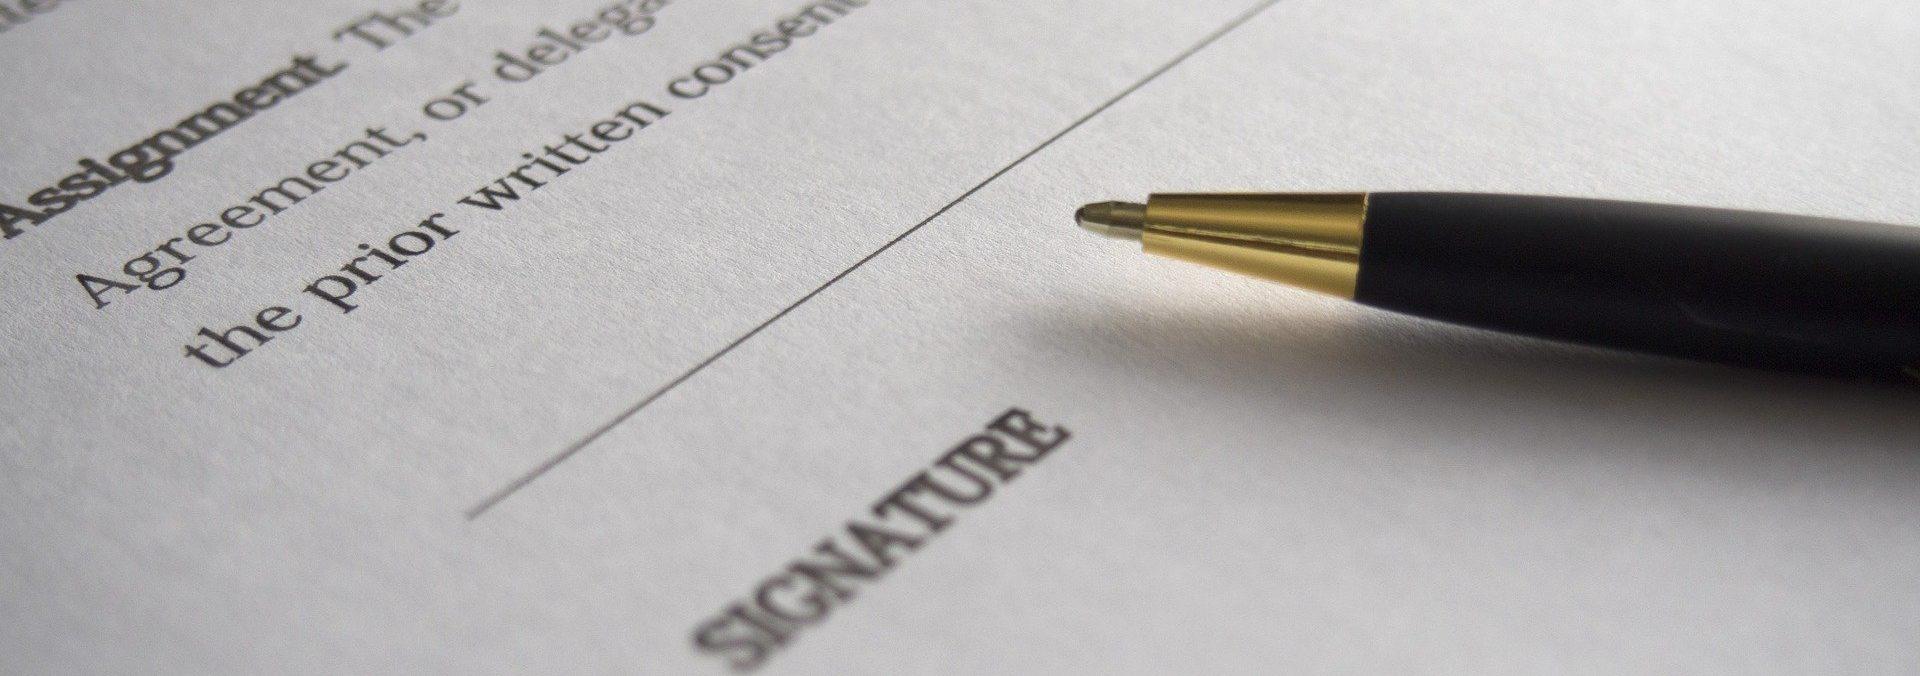 Clause de non concurrence : la signature du protocole d'accord transactionnel emporte renonciation au bénéfice de la contrepartie financière